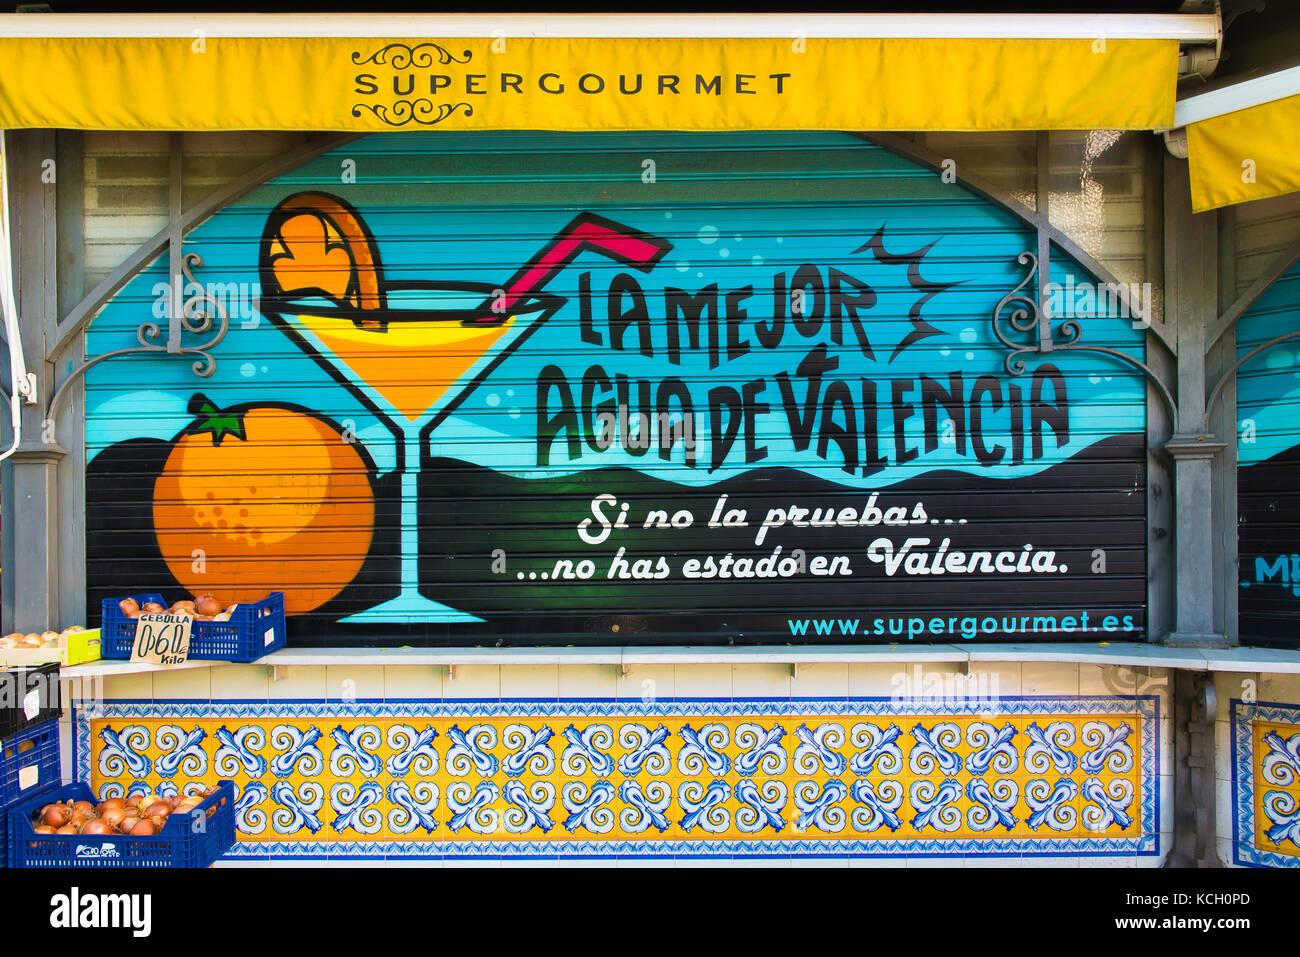 Valencia Essen trinken, eine Werbung für Agua de Valencia auf der Fensterläden einer frischen Orange Kiosk Stockbild